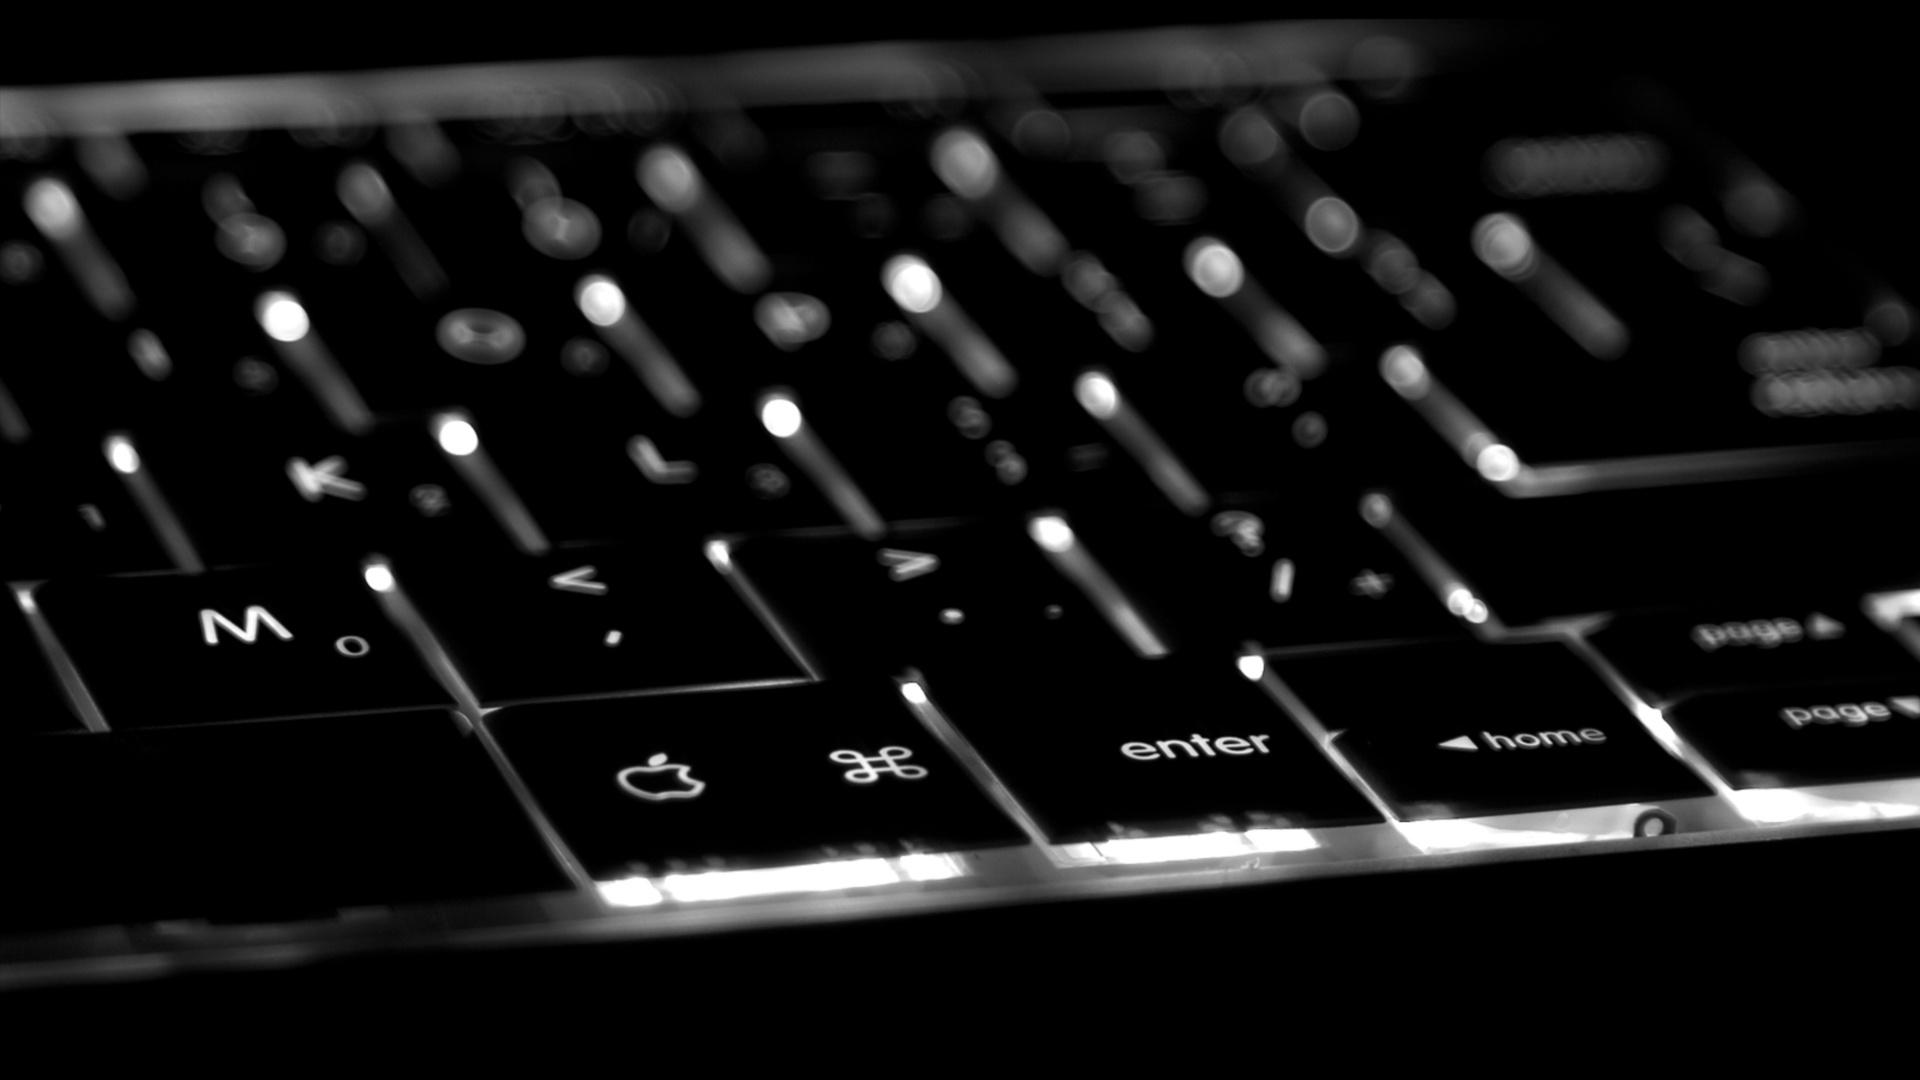 کیبورد - keyboard